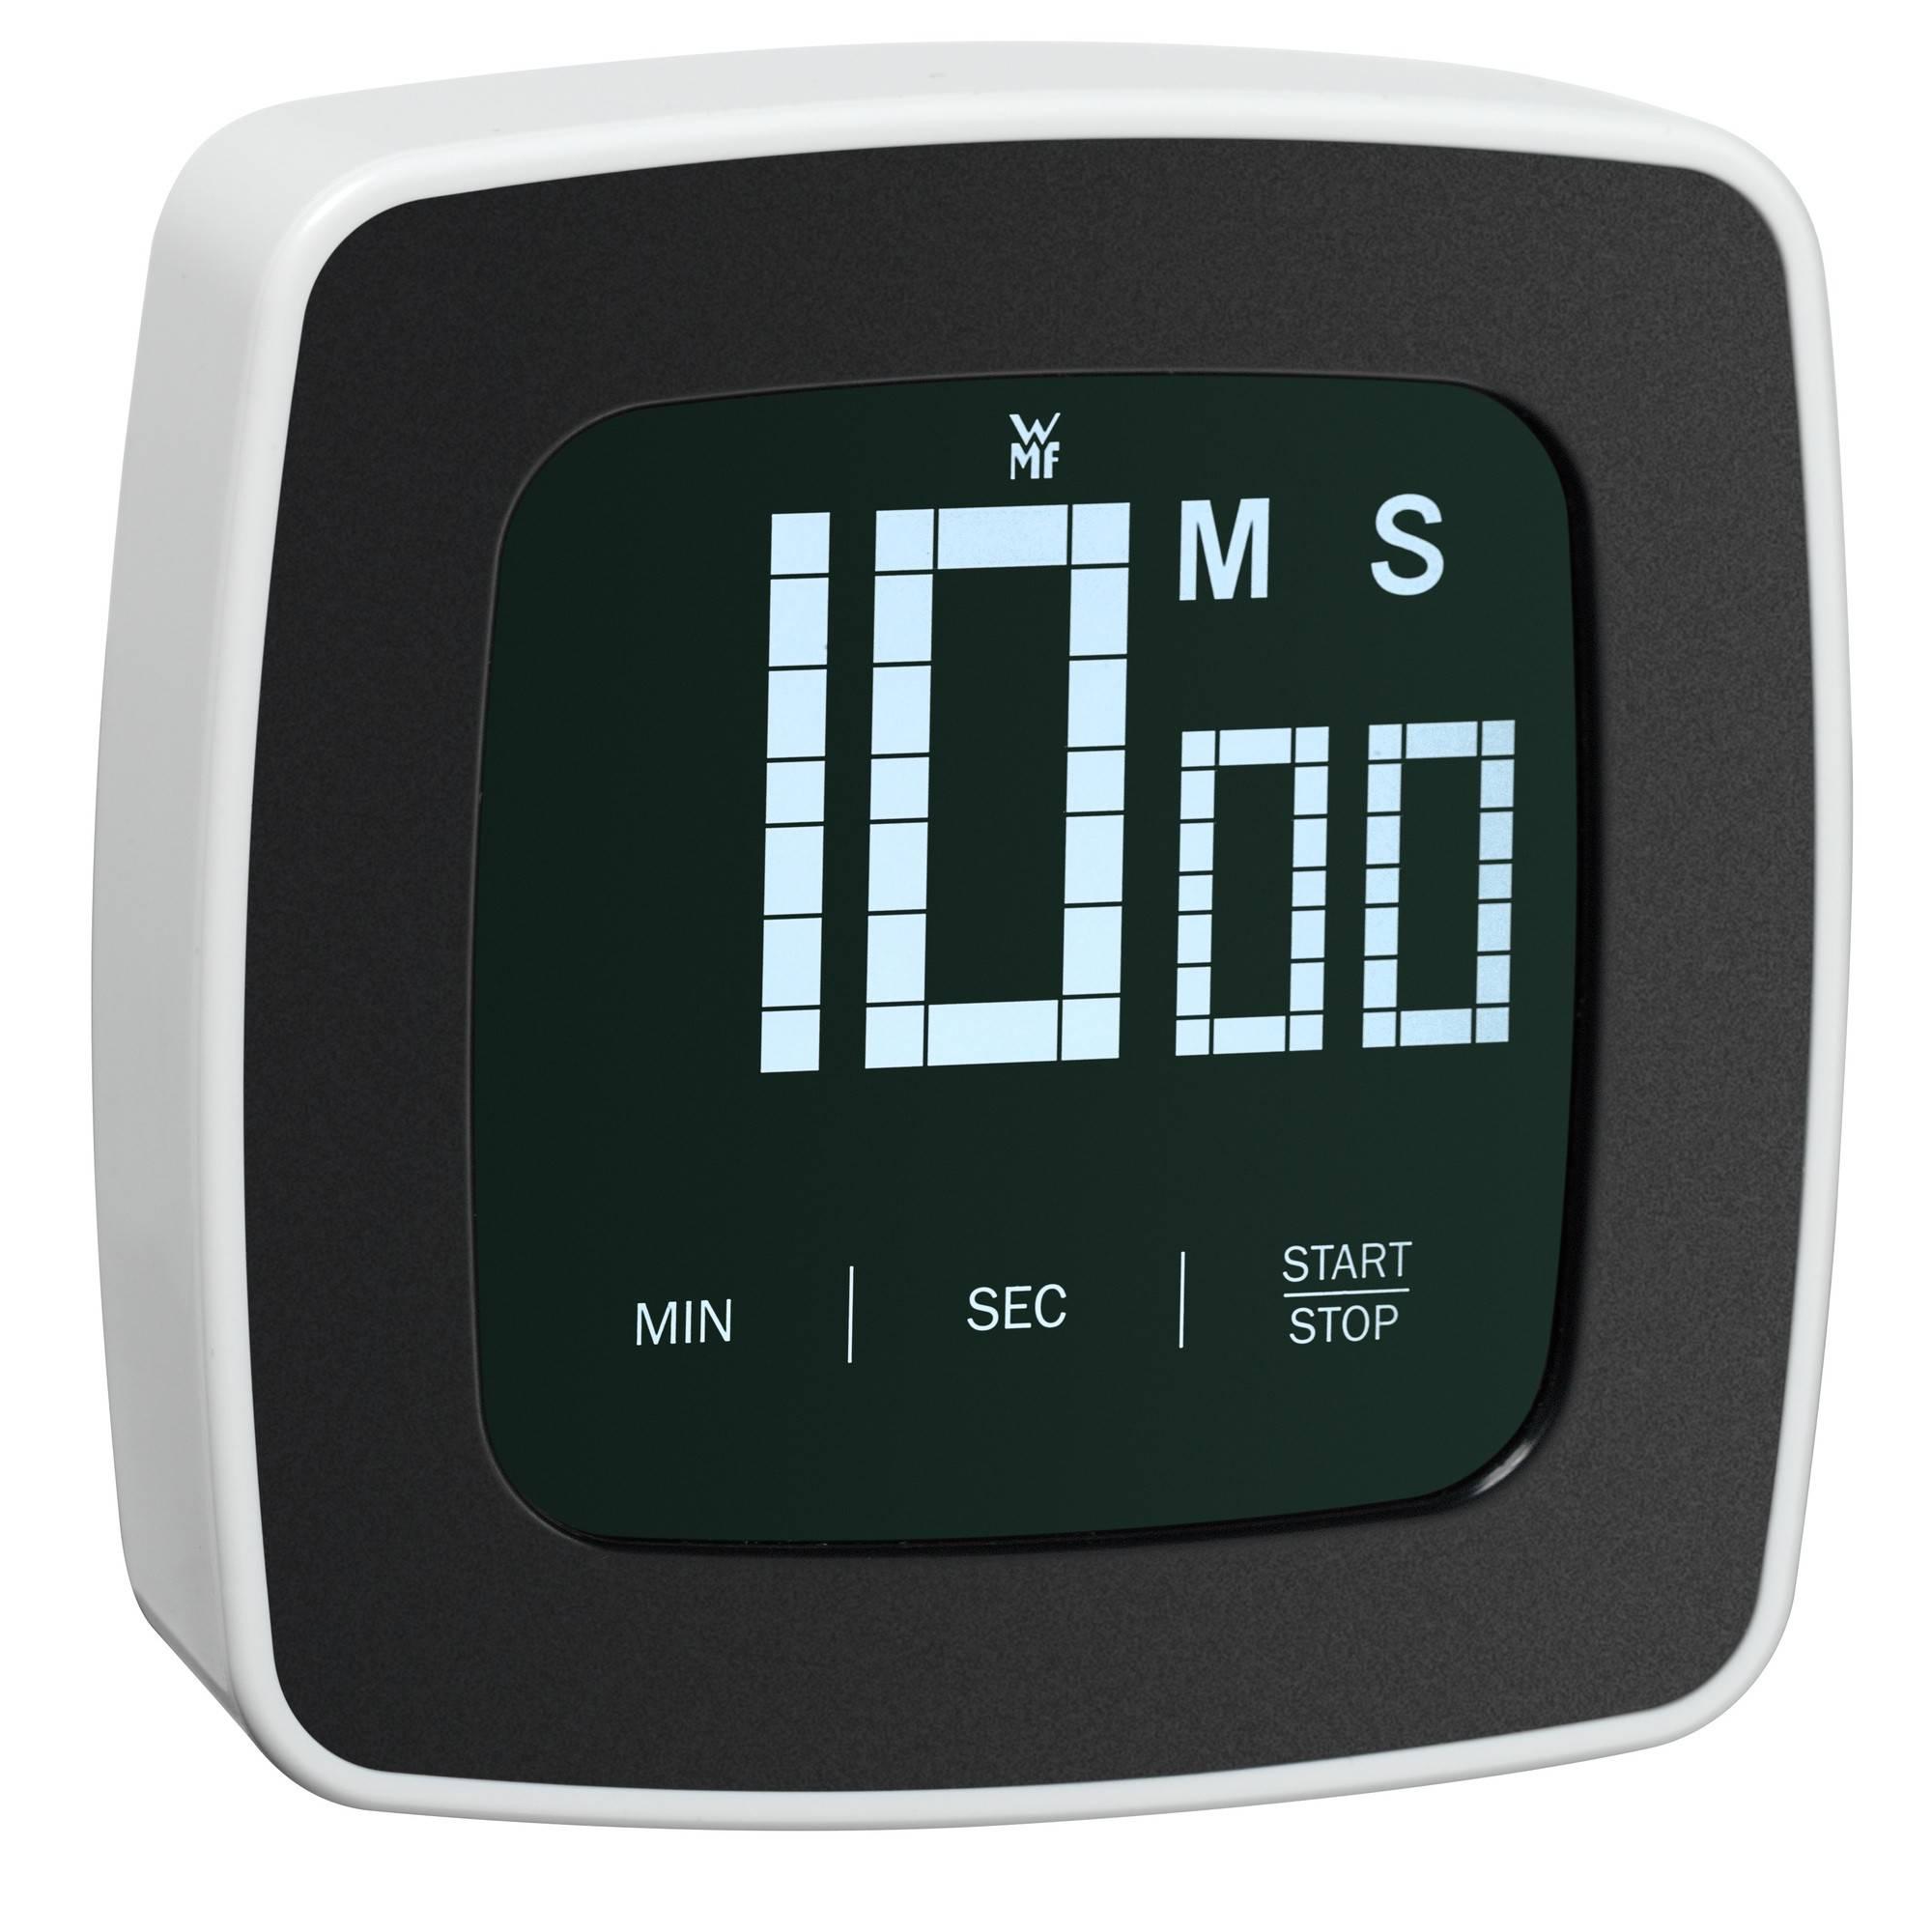 Digitální minutka s dotykovým displejem WMF - Digitální minutka s dotykovým displejem - WMF